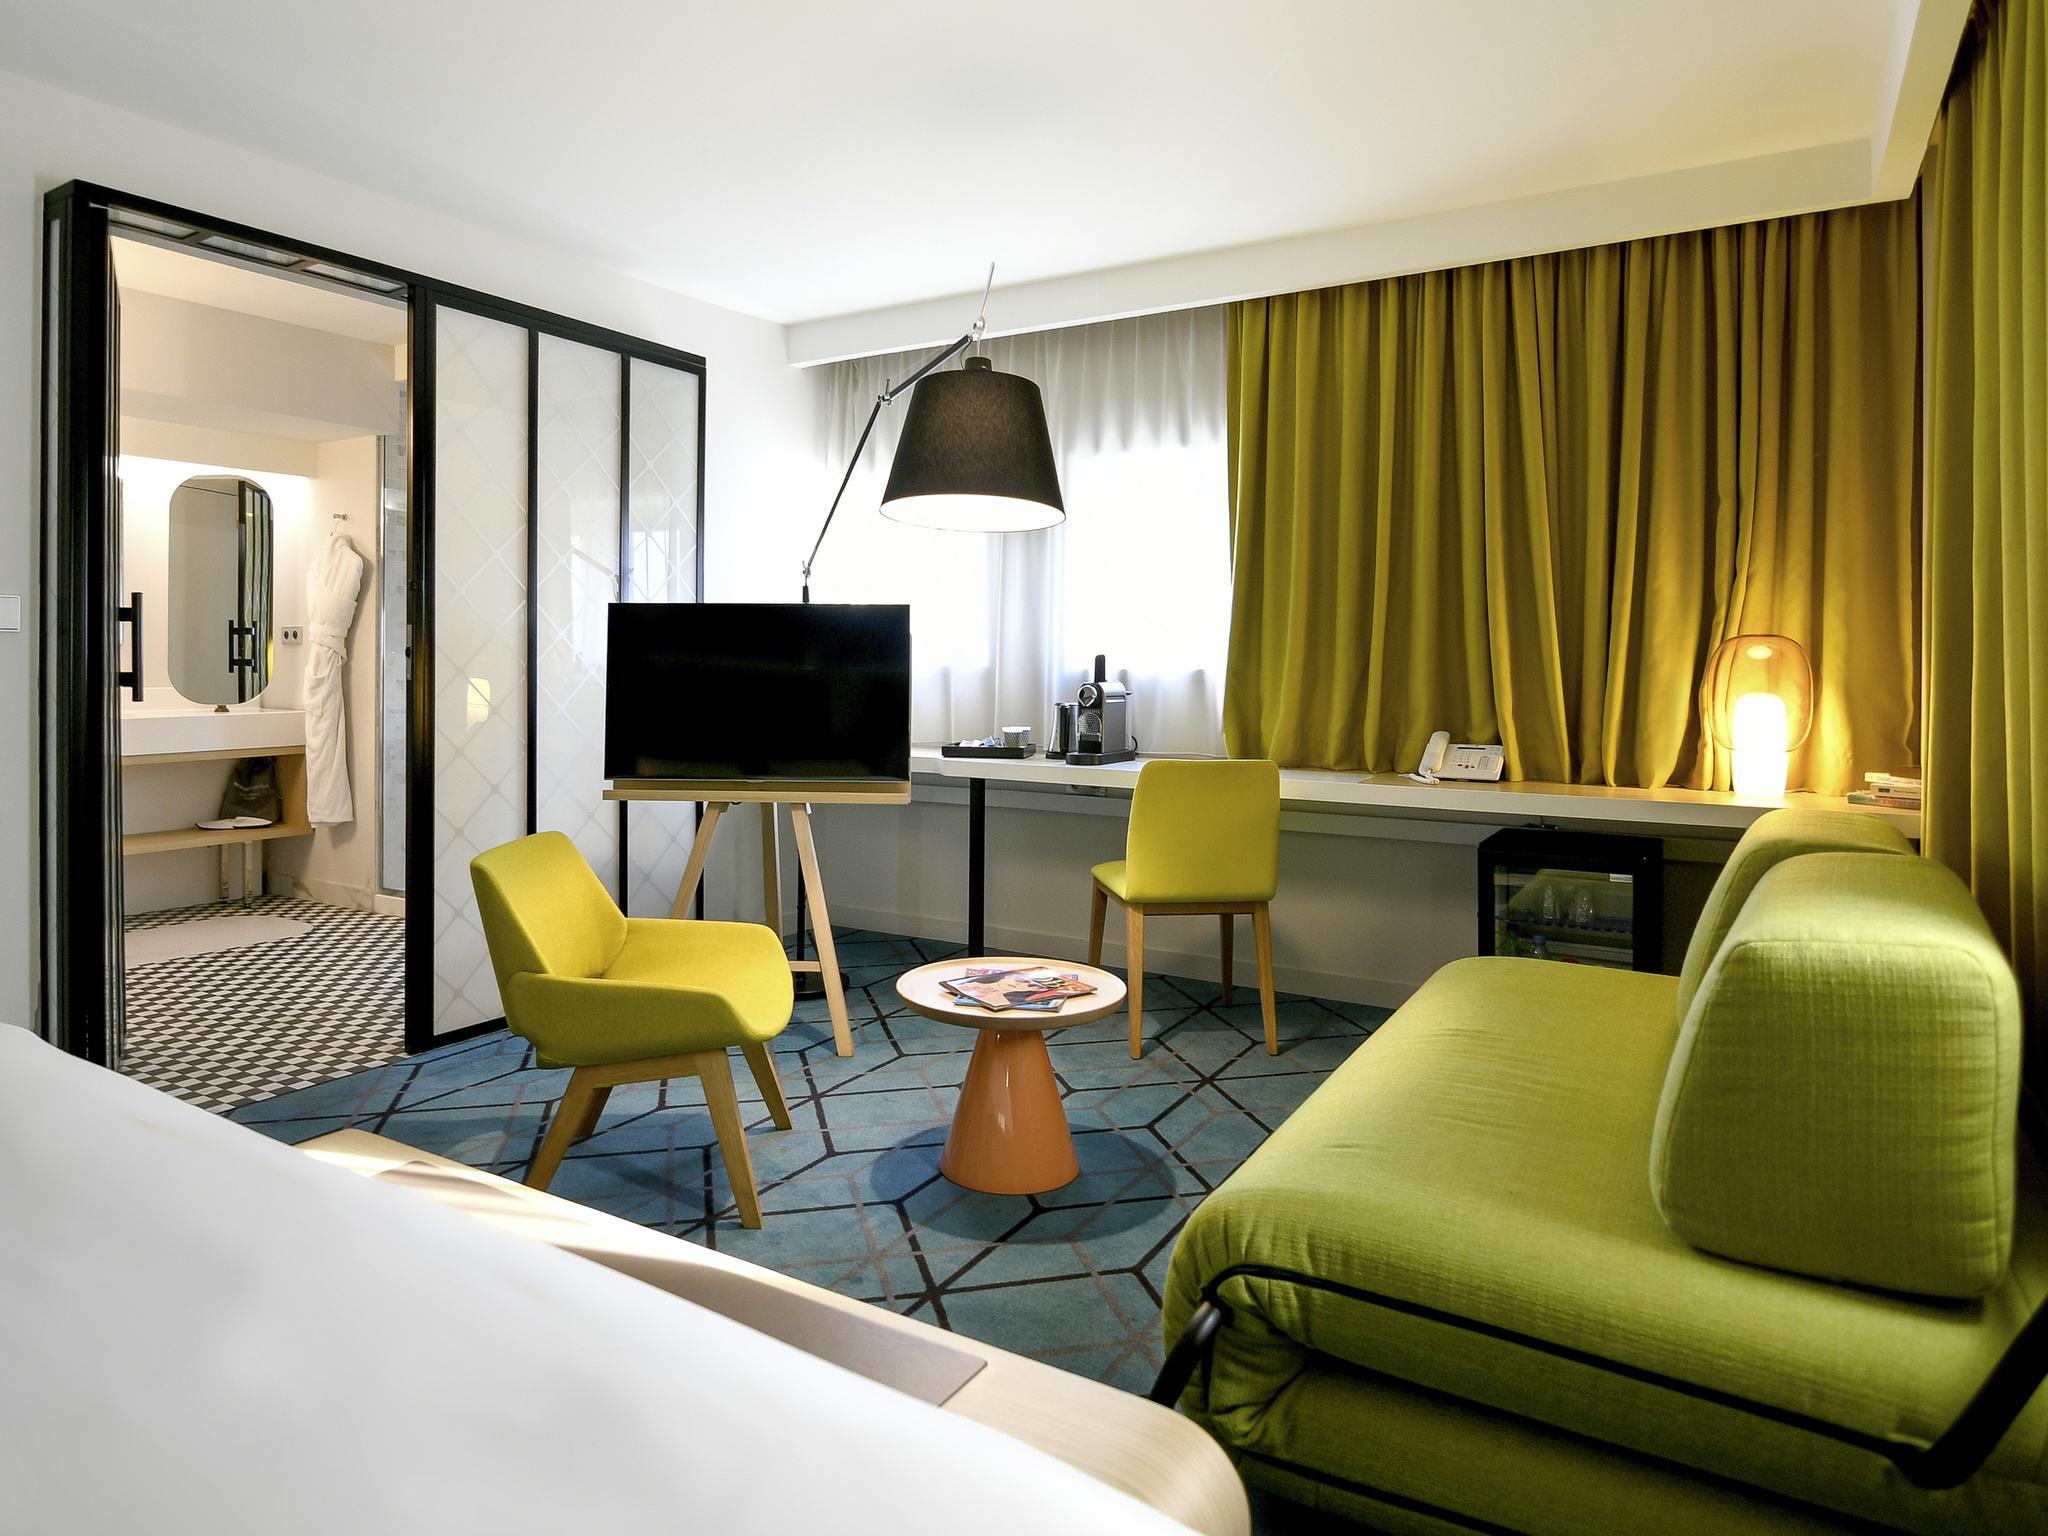 فندق - Hôtel Mercure Nantes Centre Gare